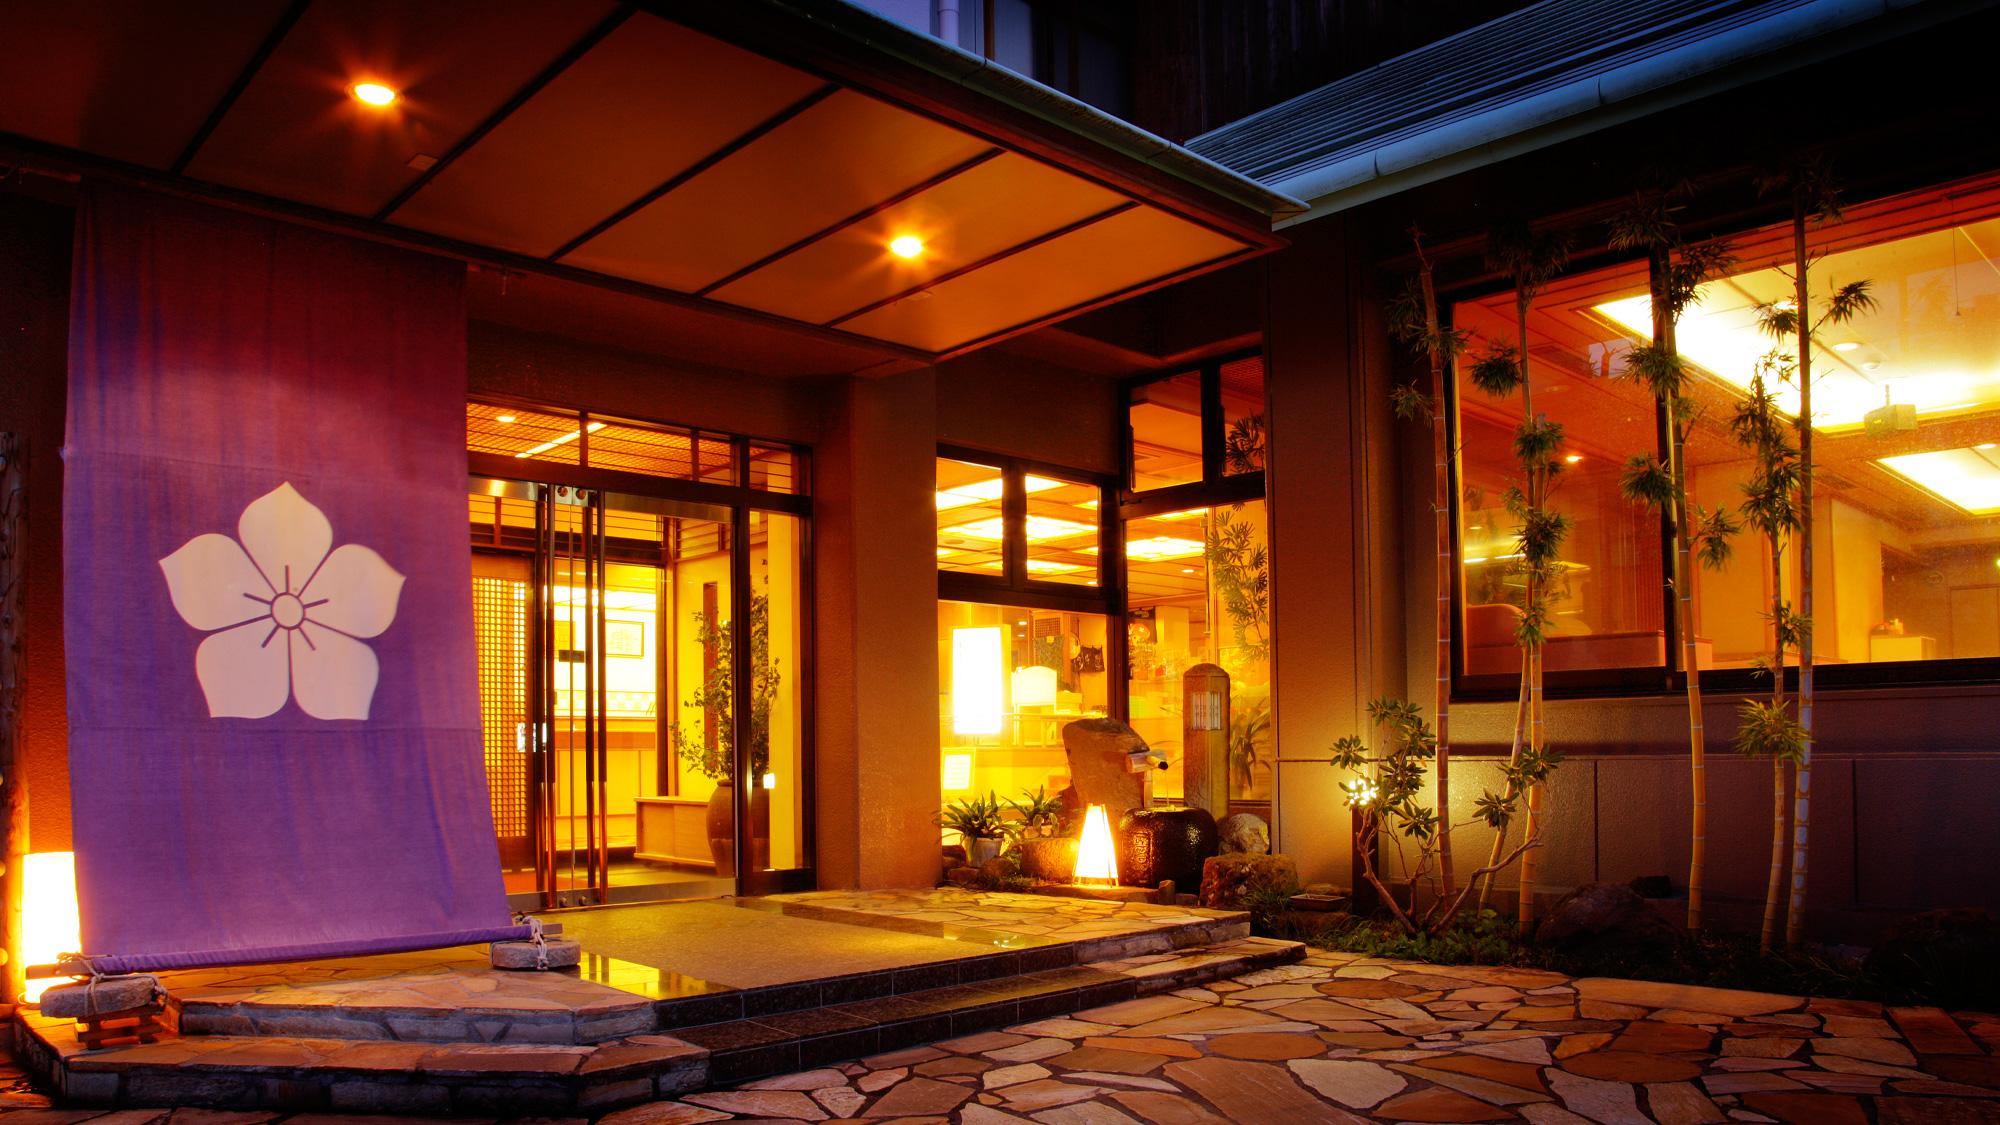 春休みに家族で泊まる伊香保温泉の宿のおすすめは?